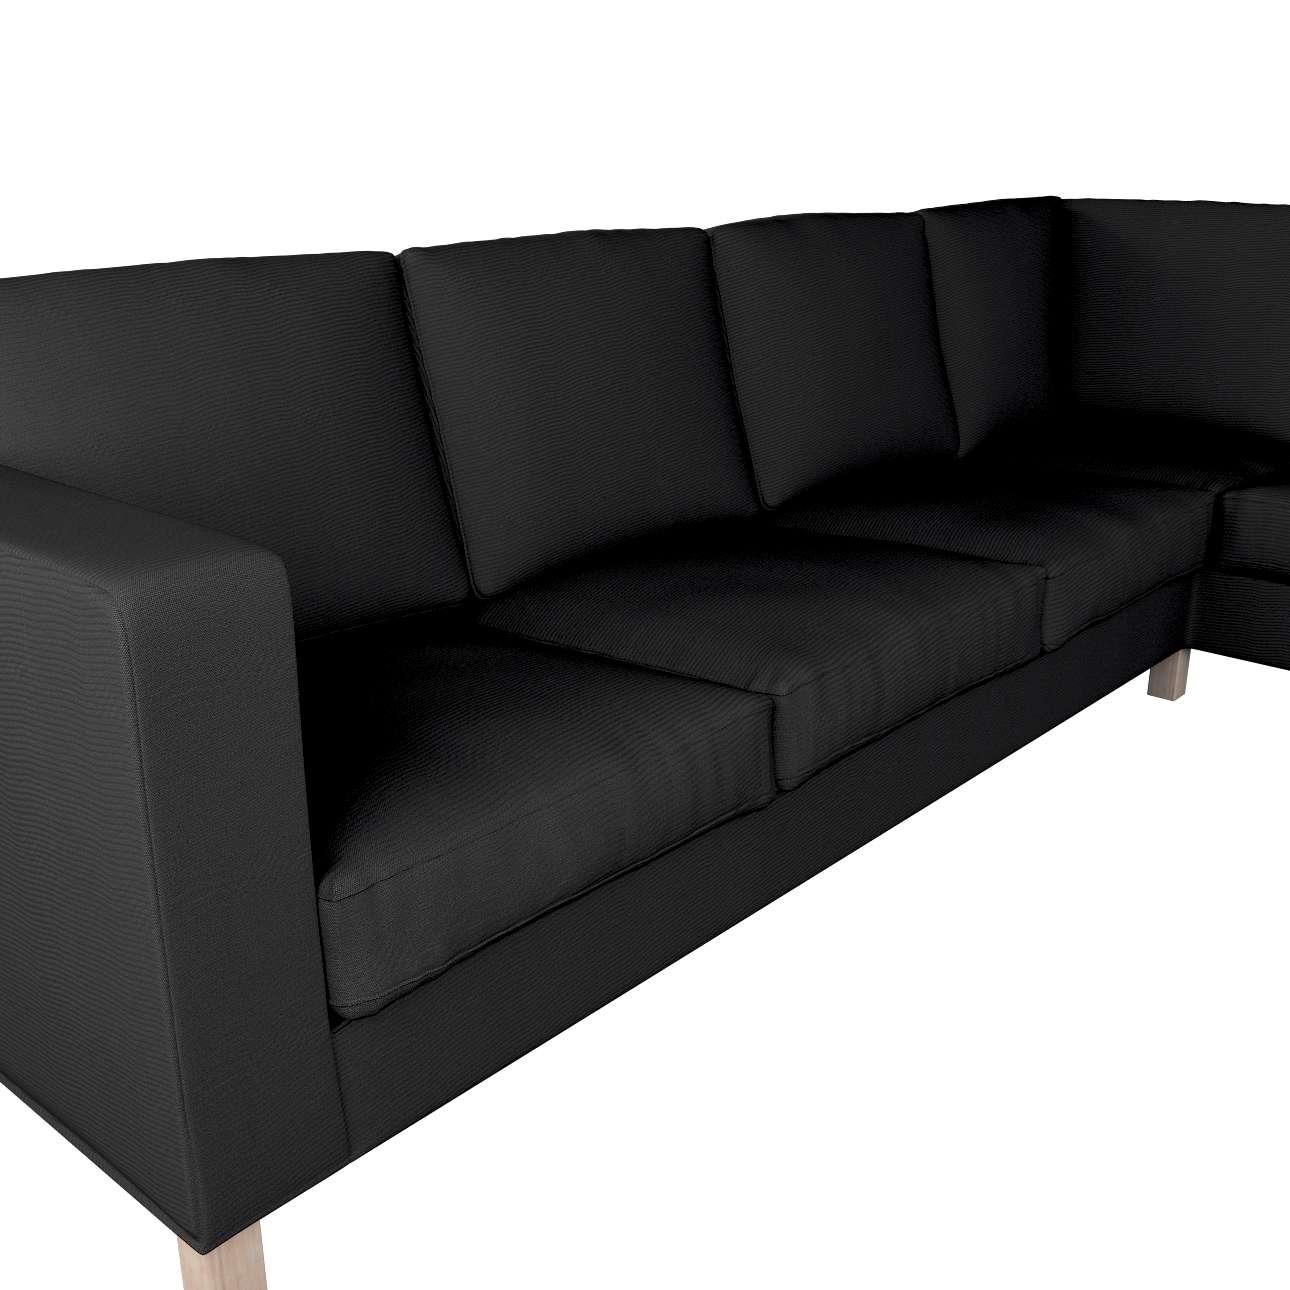 Pokrowiec na sofę narożną lewostronną Karlanda w kolekcji Etna, tkanina: 705-00